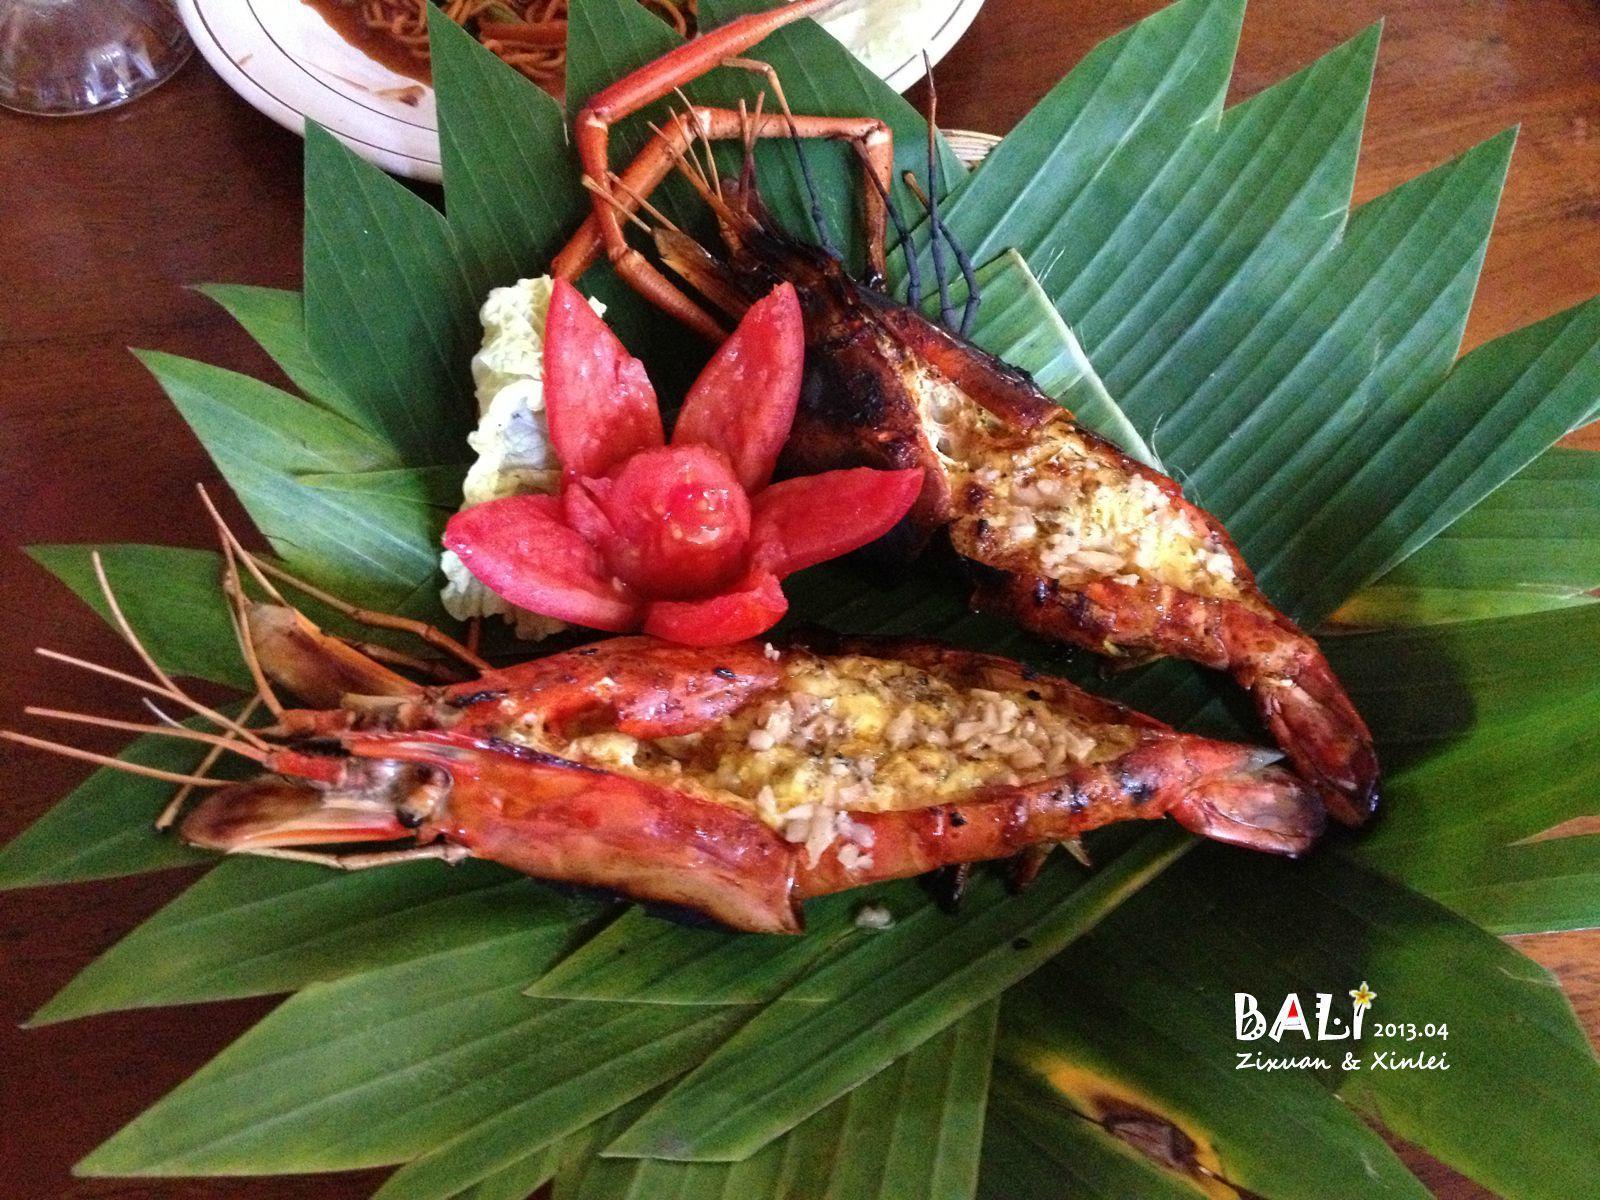 烤龙虾,这是我在巴厘岛吃的最好吃的烤物.